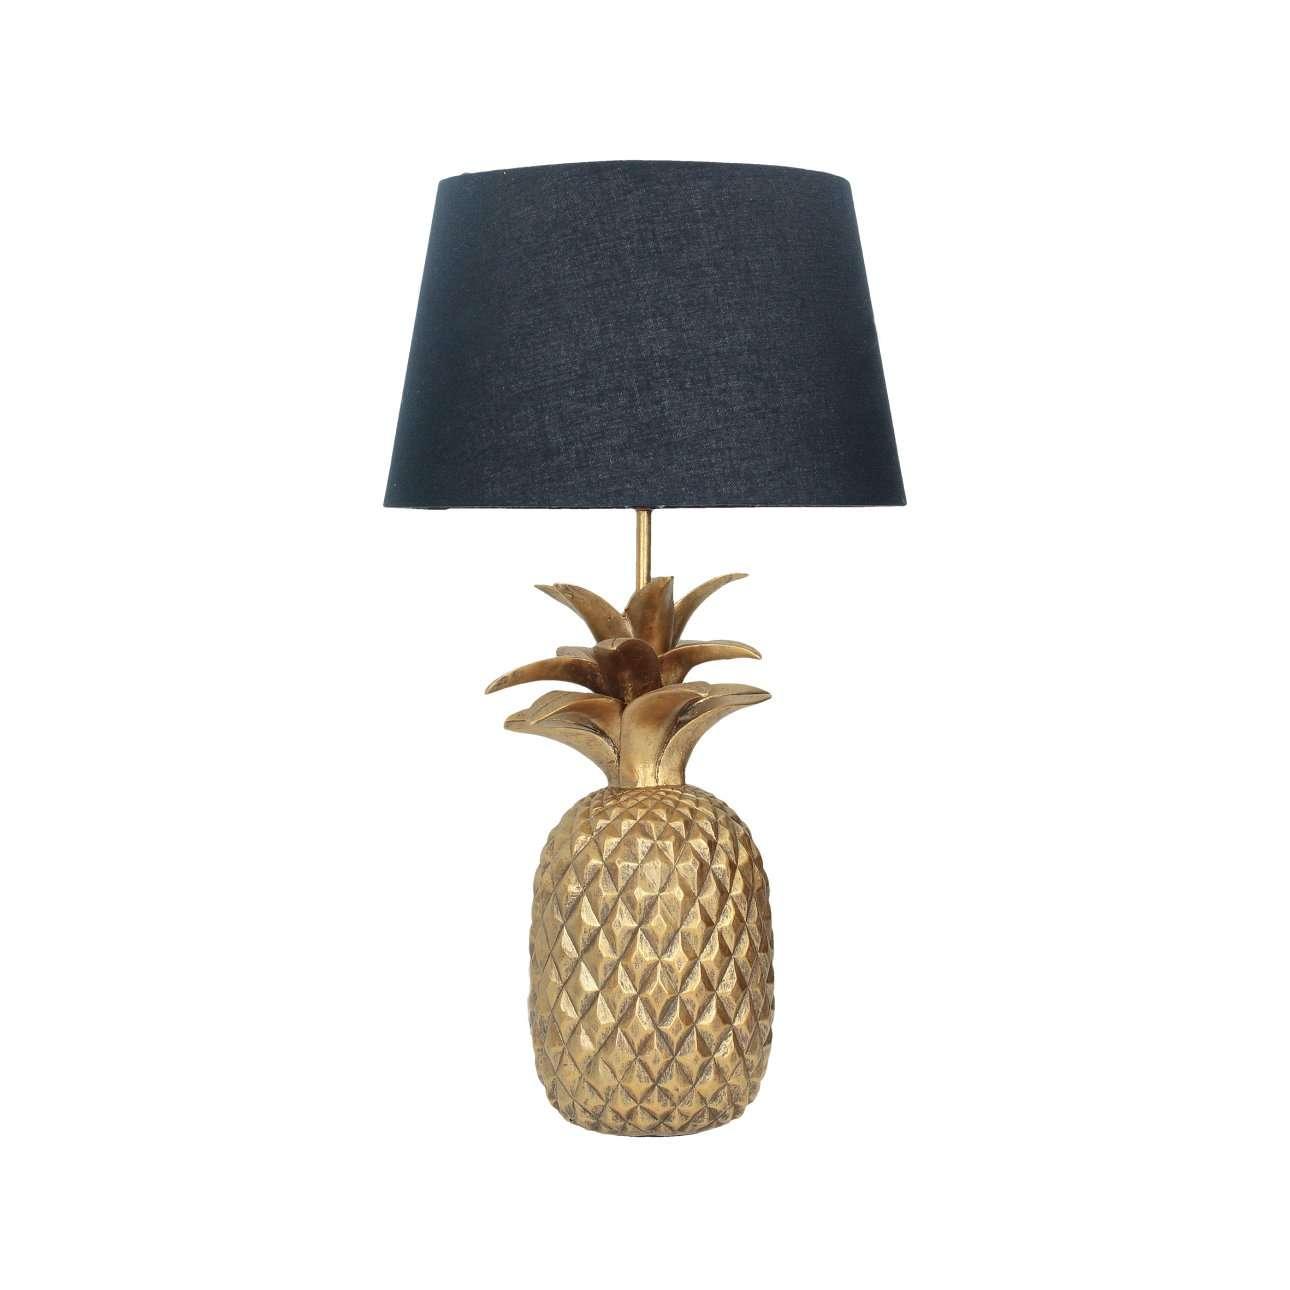 Stojací lampa Pineapple gold výška 56cm